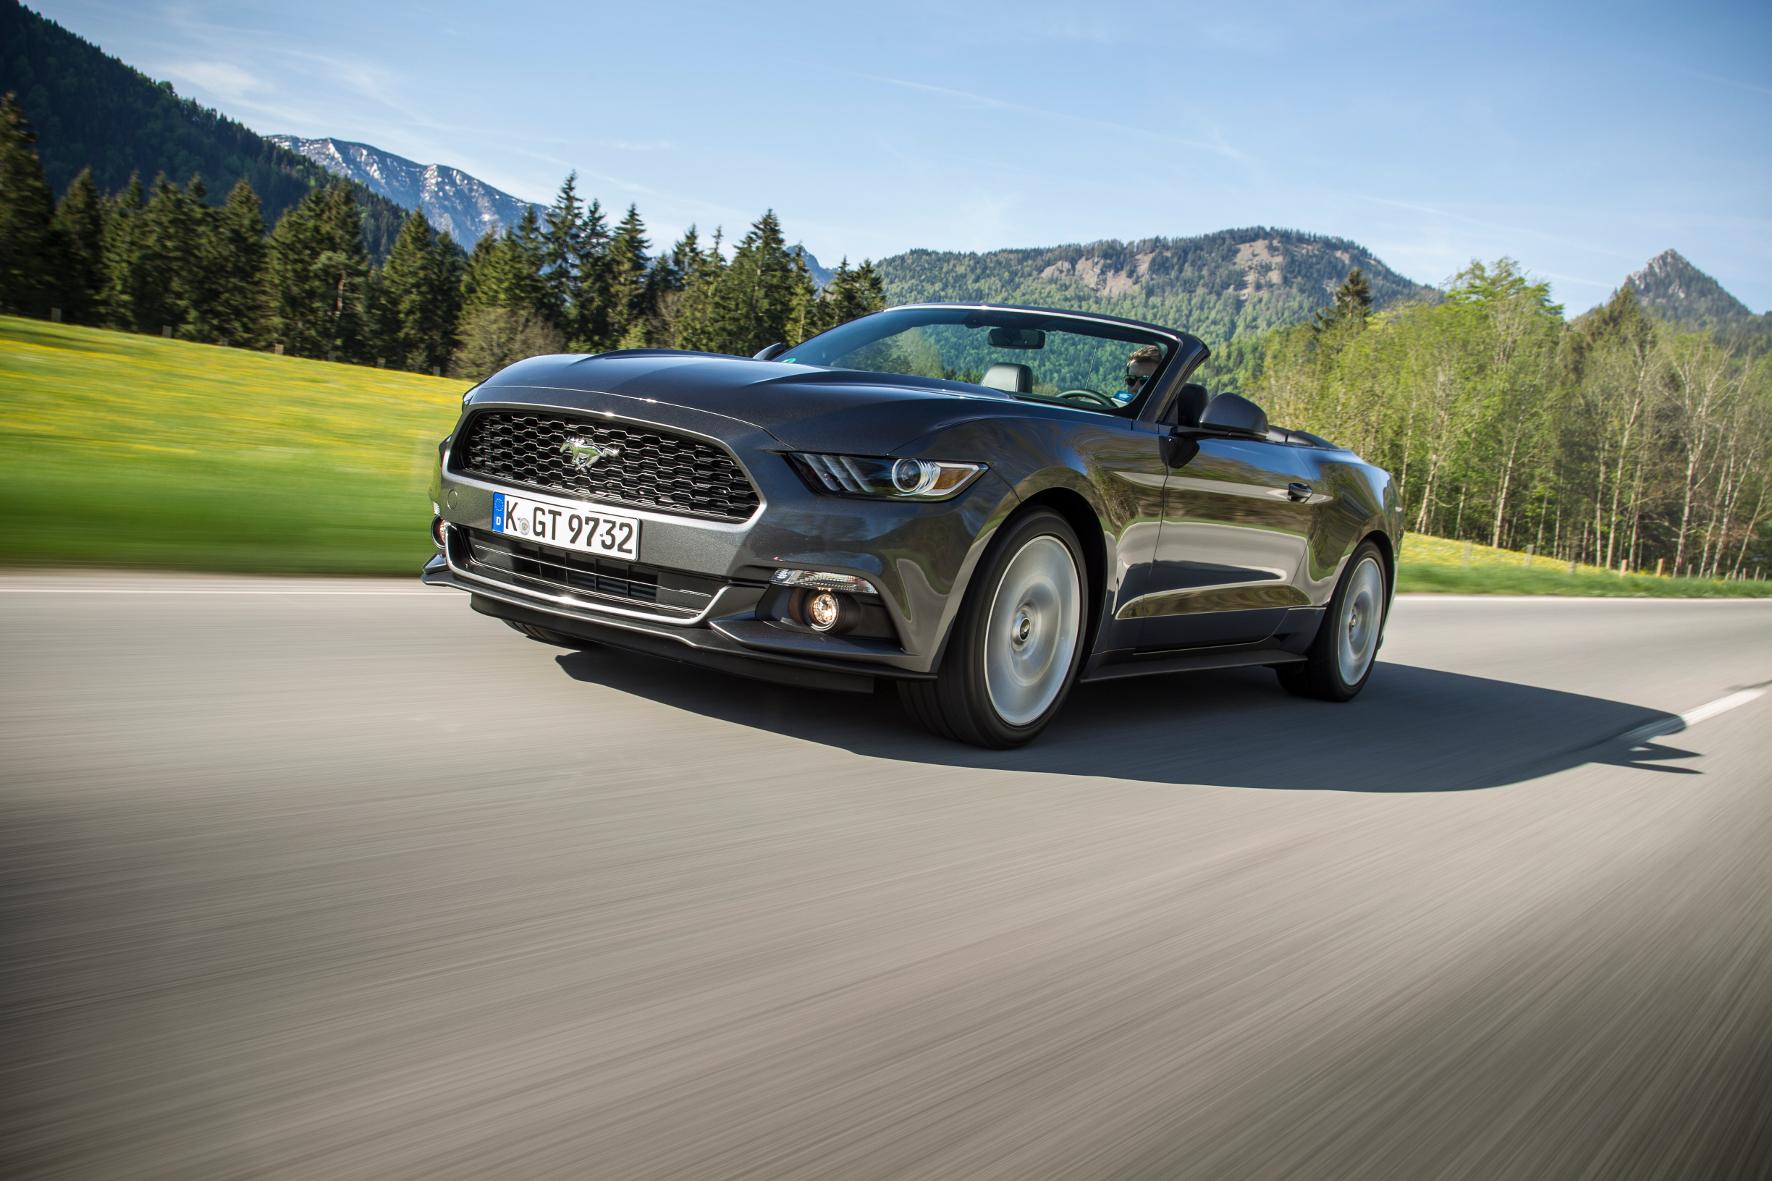 mid Groß-Gerau - Ford bietet den Mustang in der aktuellen Generation auch mit einem kleinen Vierzylinder-Motor an. Kann der dem traditionellen V8 das Wasser reichen?